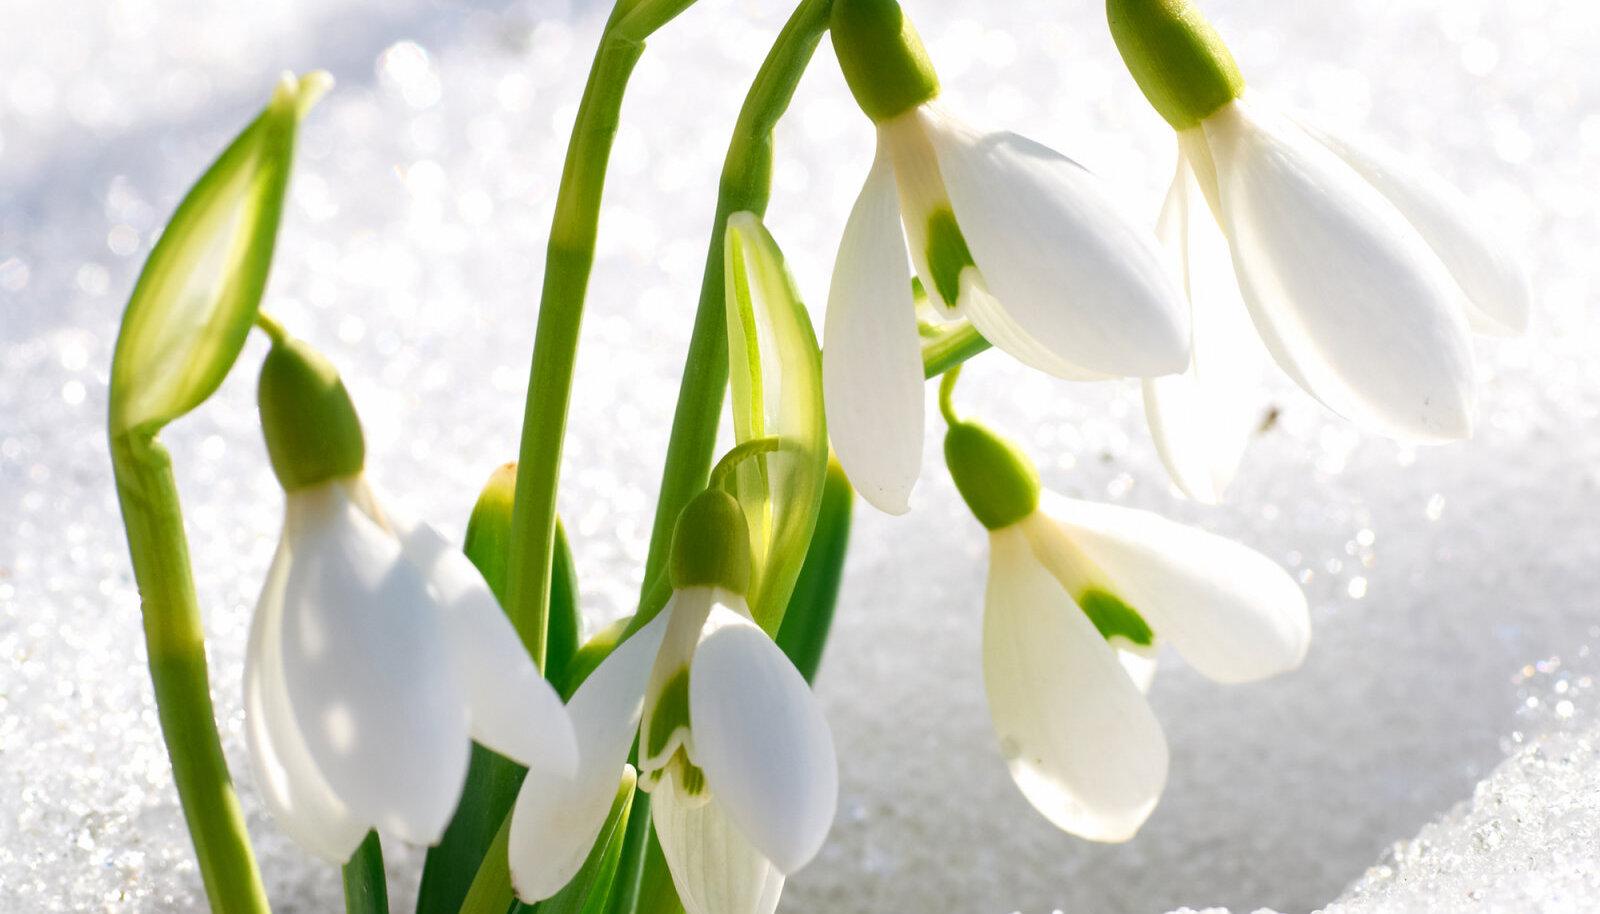 Õhus on kevadet - käes on urbekuu